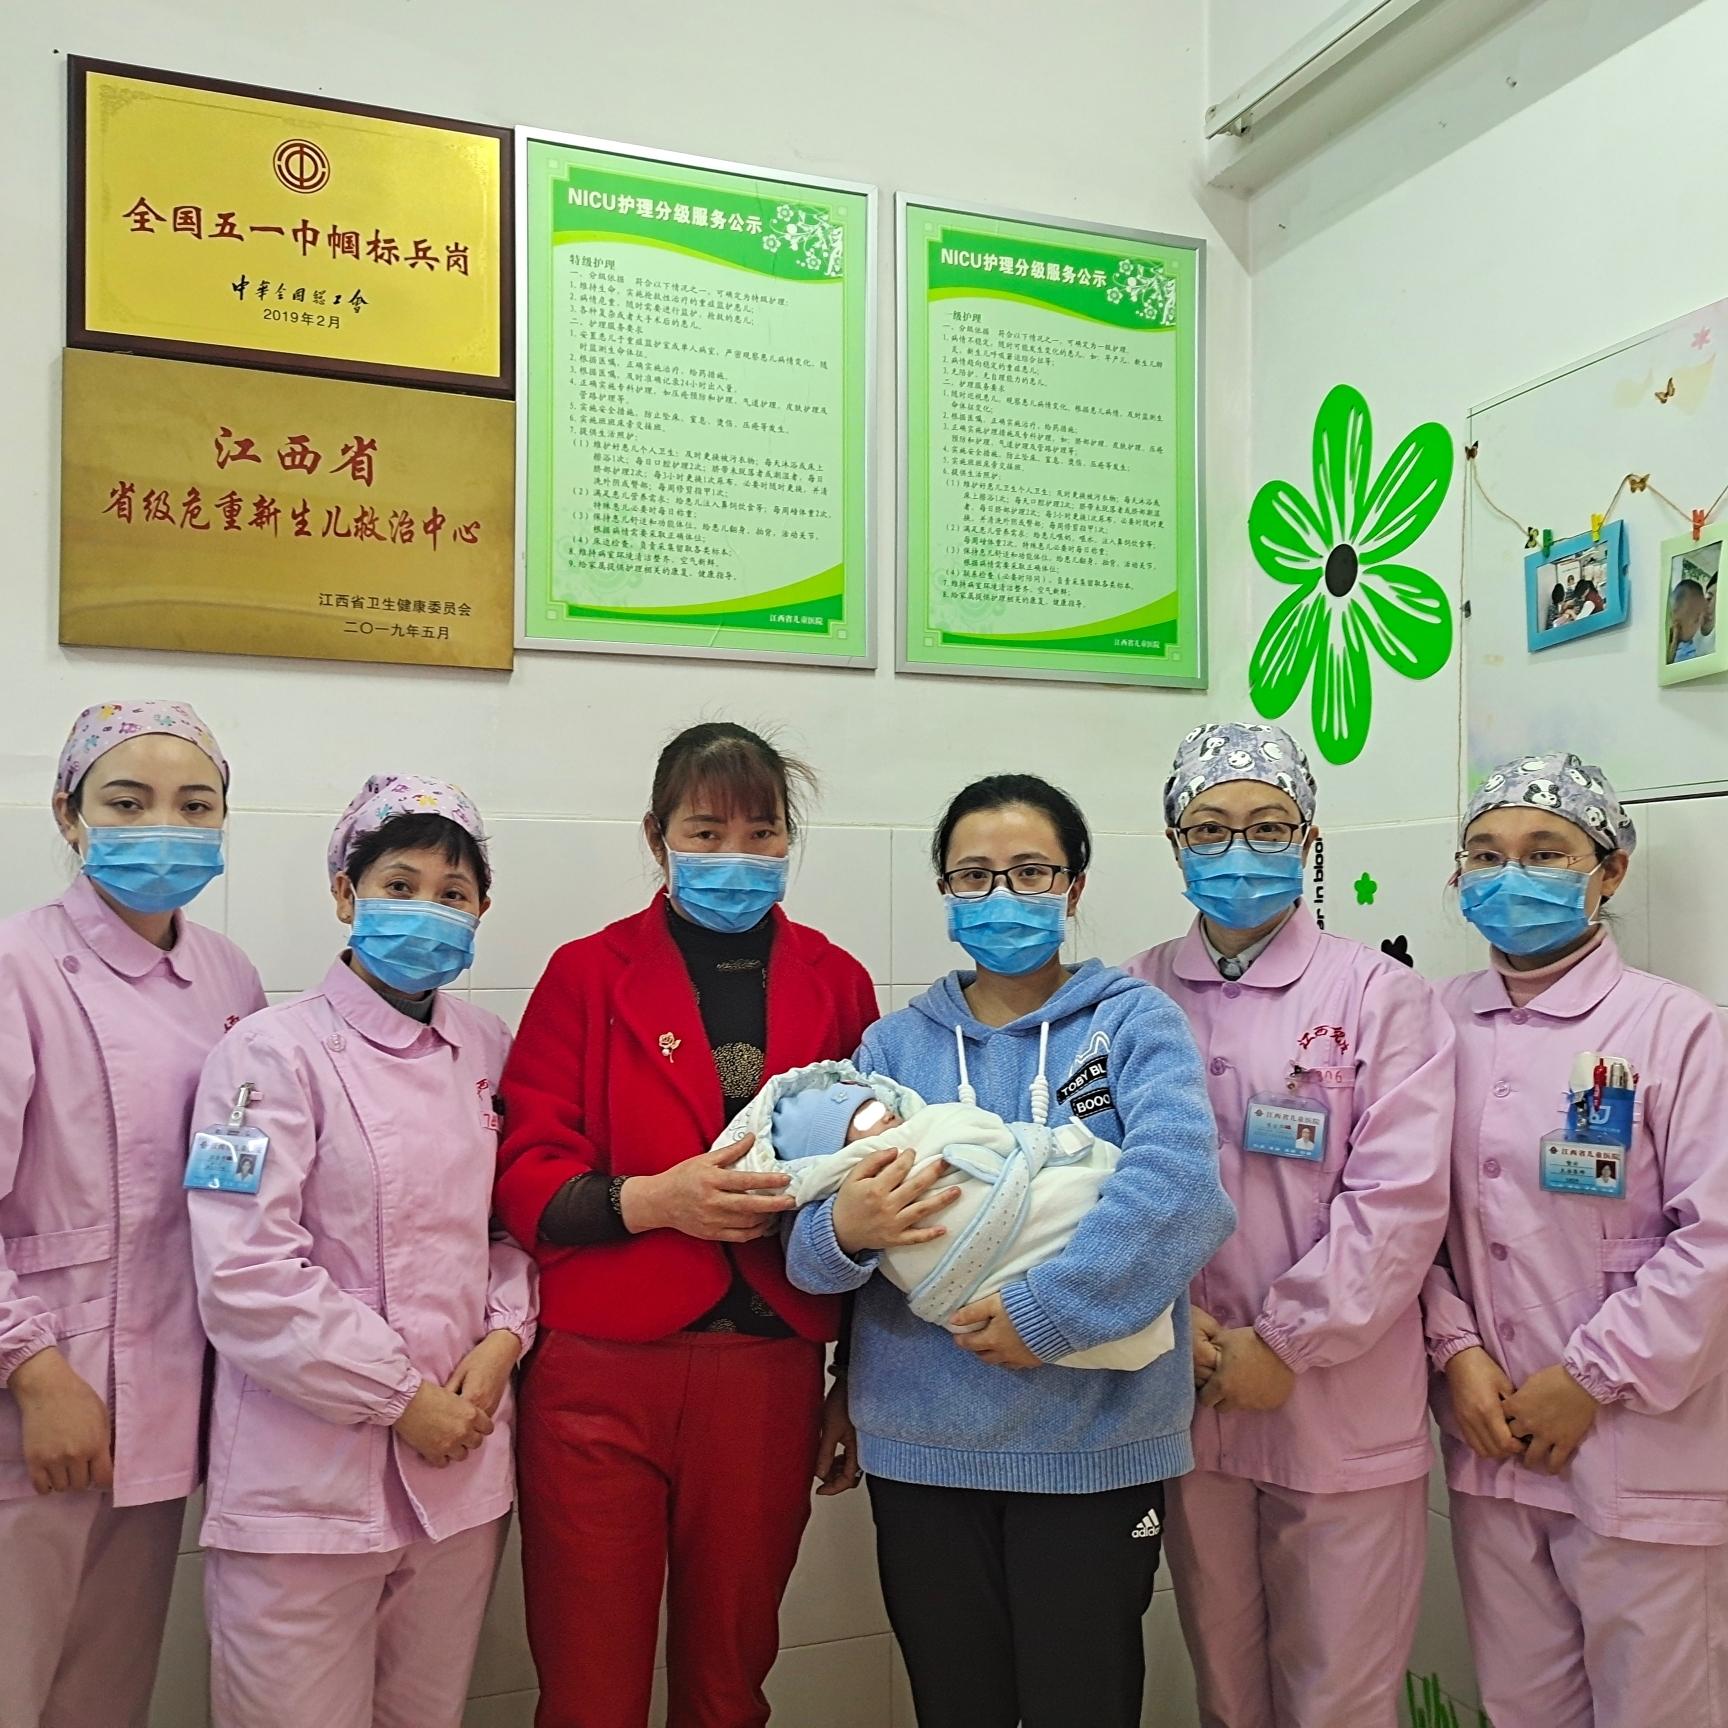 江西省儿童医院:经跨院合作手术治疗的毛毛今天平安回家啦